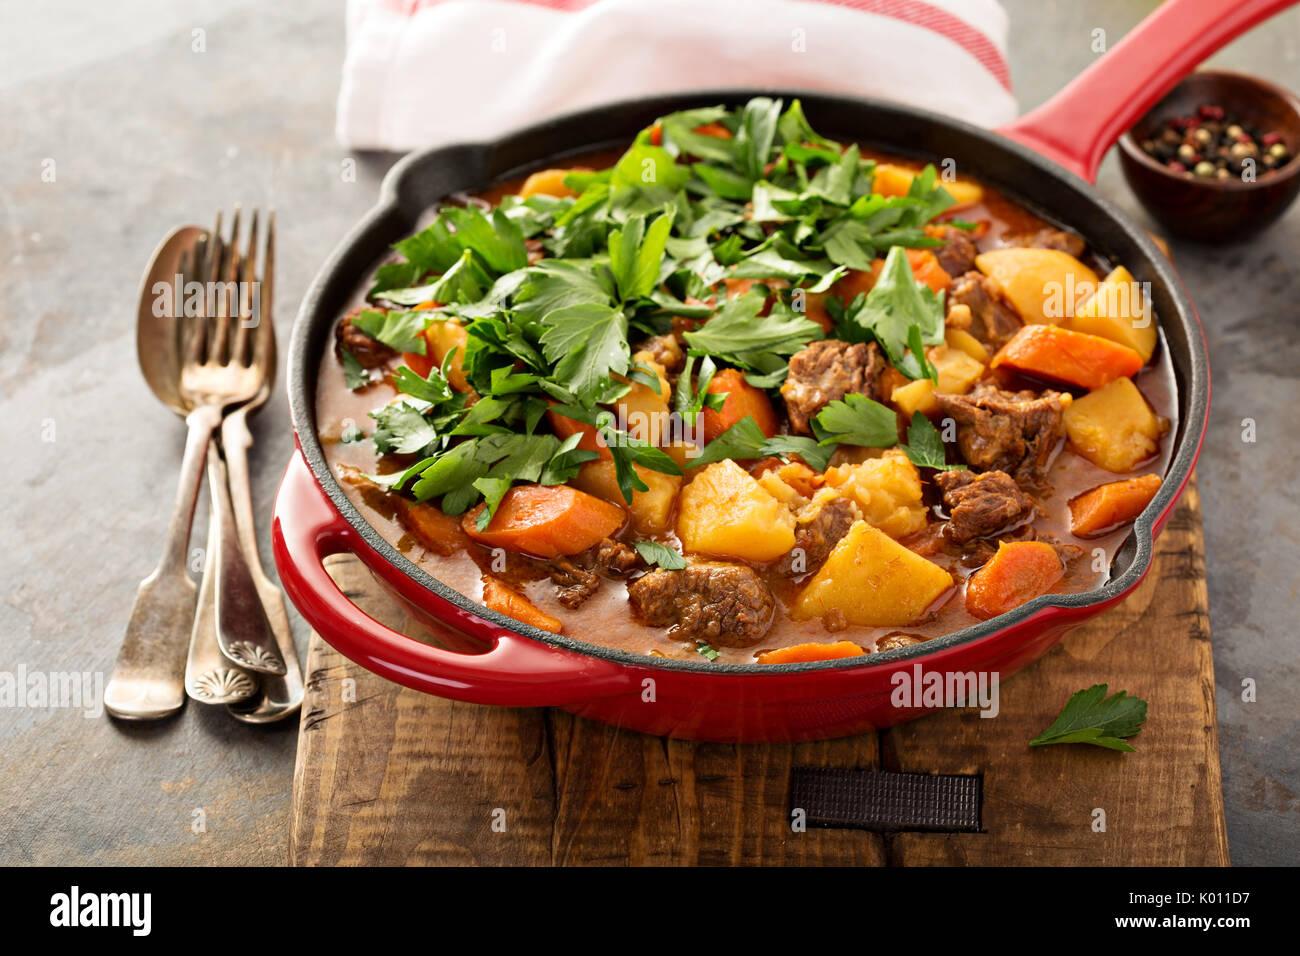 Ragoût de boeuf aux pommes de terre, carotte et persil Photo Stock